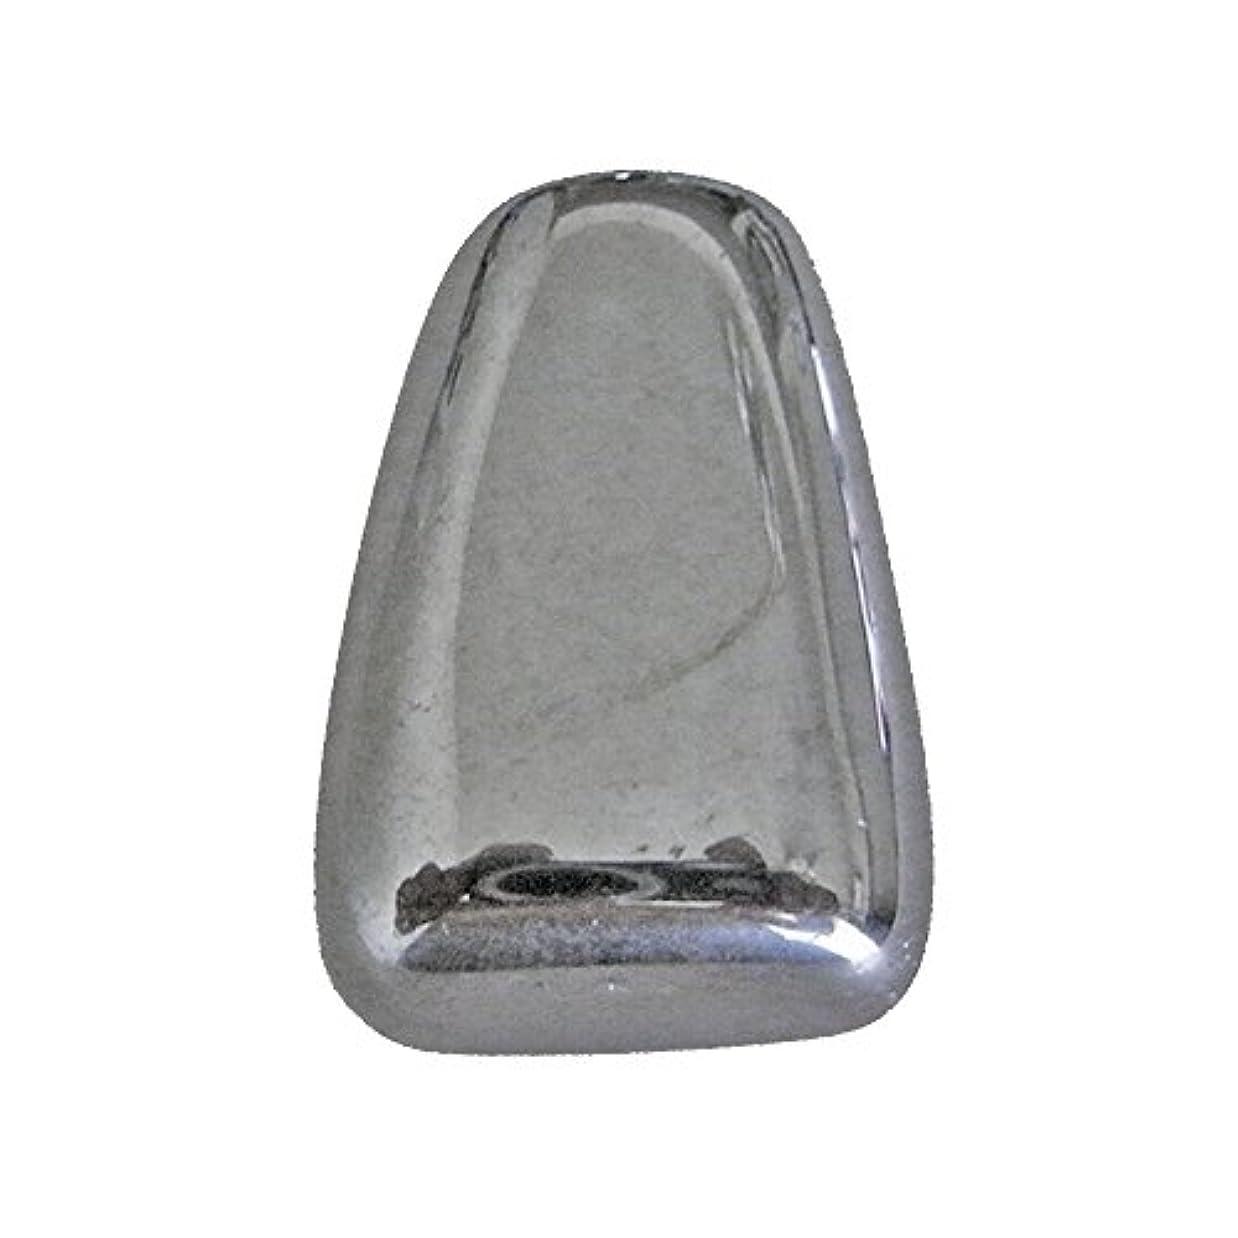 土曜日光沢のあるレベルNatural Pure ドクターノバリア テラヘルツ ソニックストーン1個用 リフトアップ&小顔対応 50~55g前後本物の証